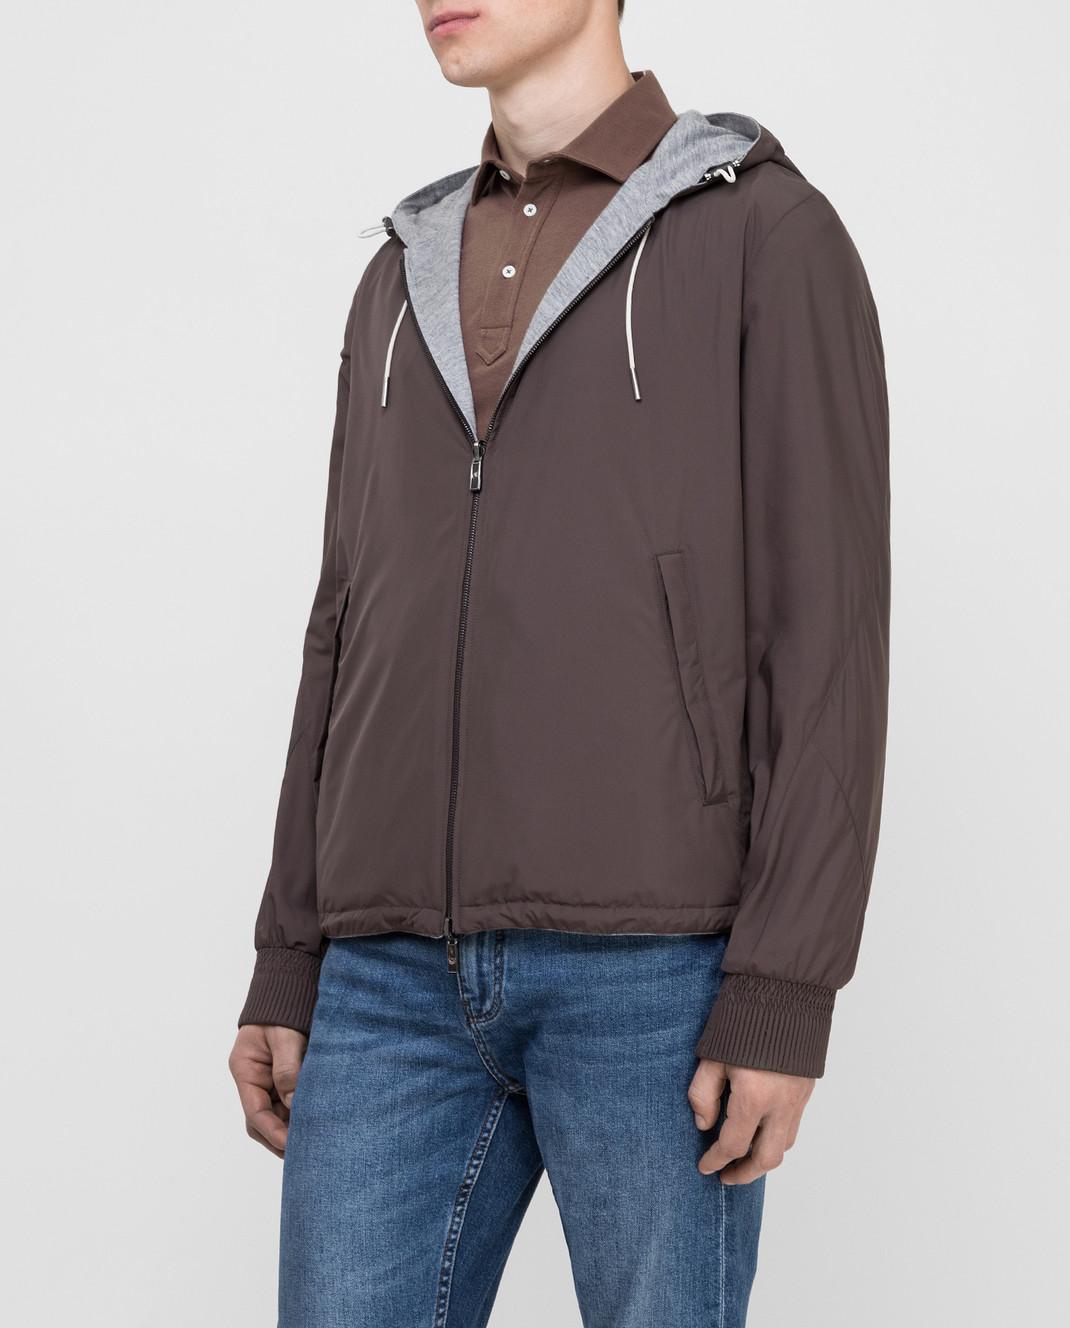 Ermenegildo Zegna Двухстороння куртка UST33S111B изображение 3